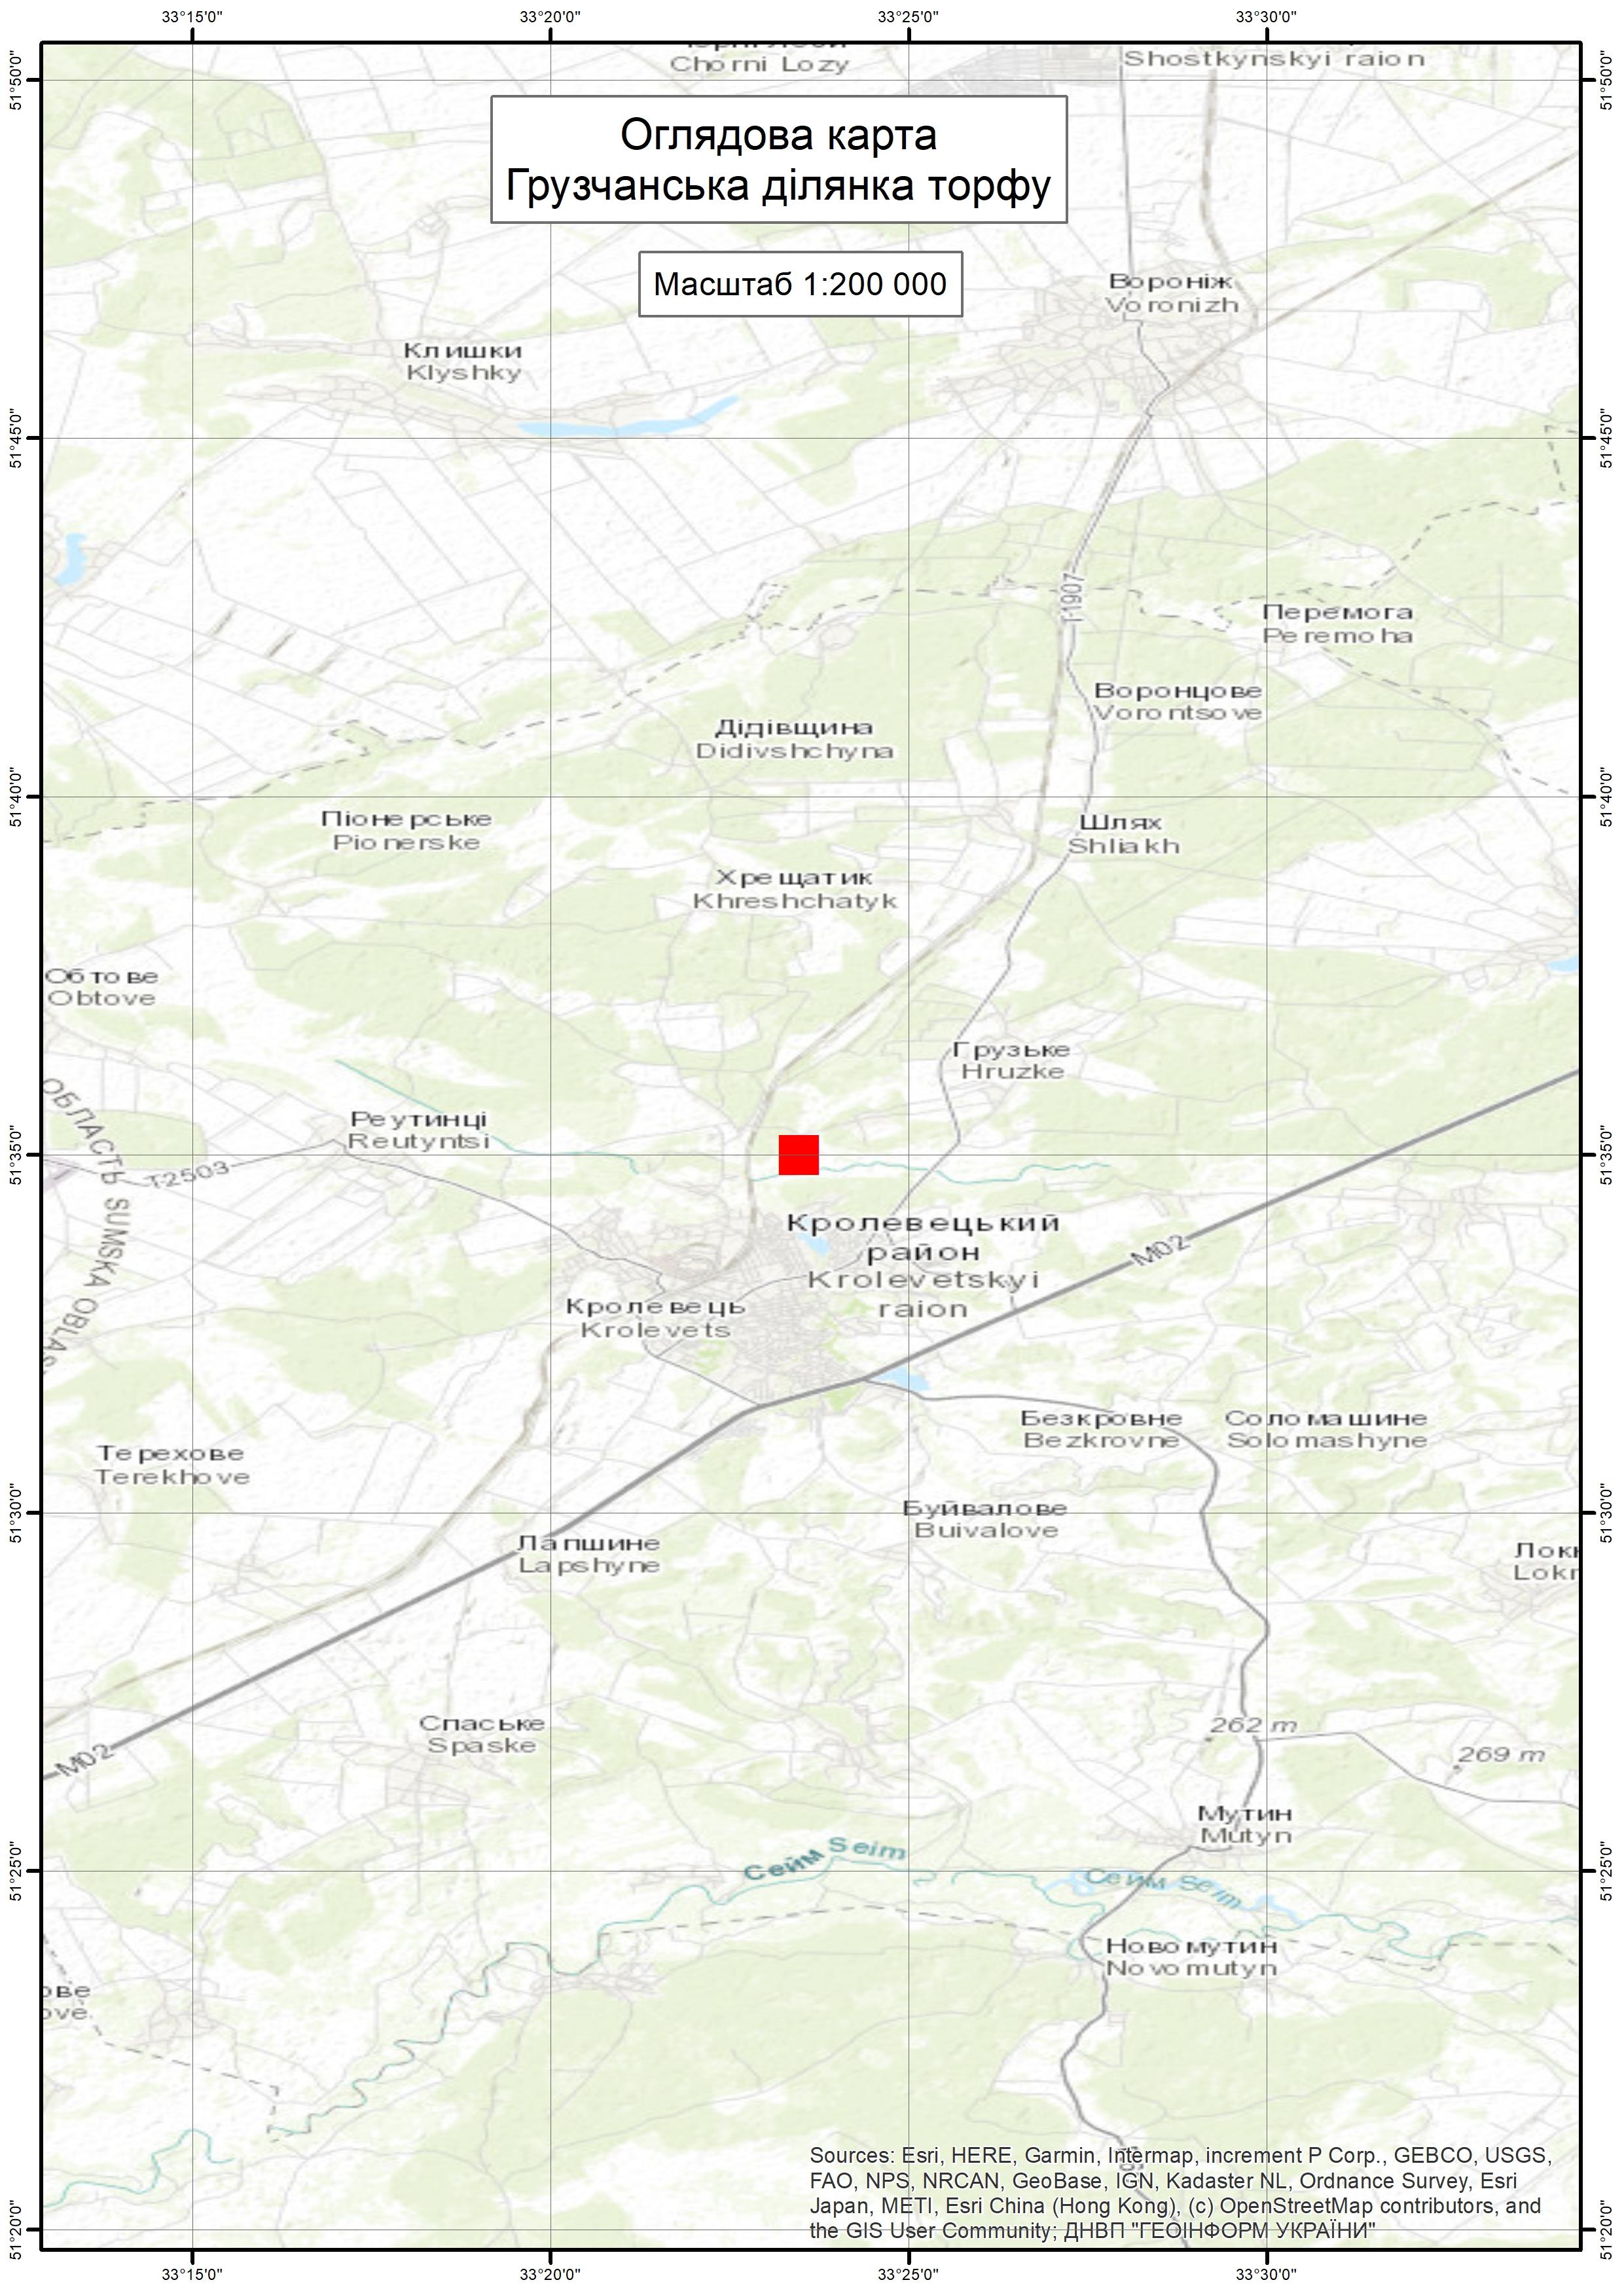 Спеціальний дозвіл на користування надрами – Грузчанська ділянка. Вартість геологічної інформації – 48 370,48 грн (з ПДВ). Вартість пакету аукціонної документації – 4 500 грн (з ПДВ).